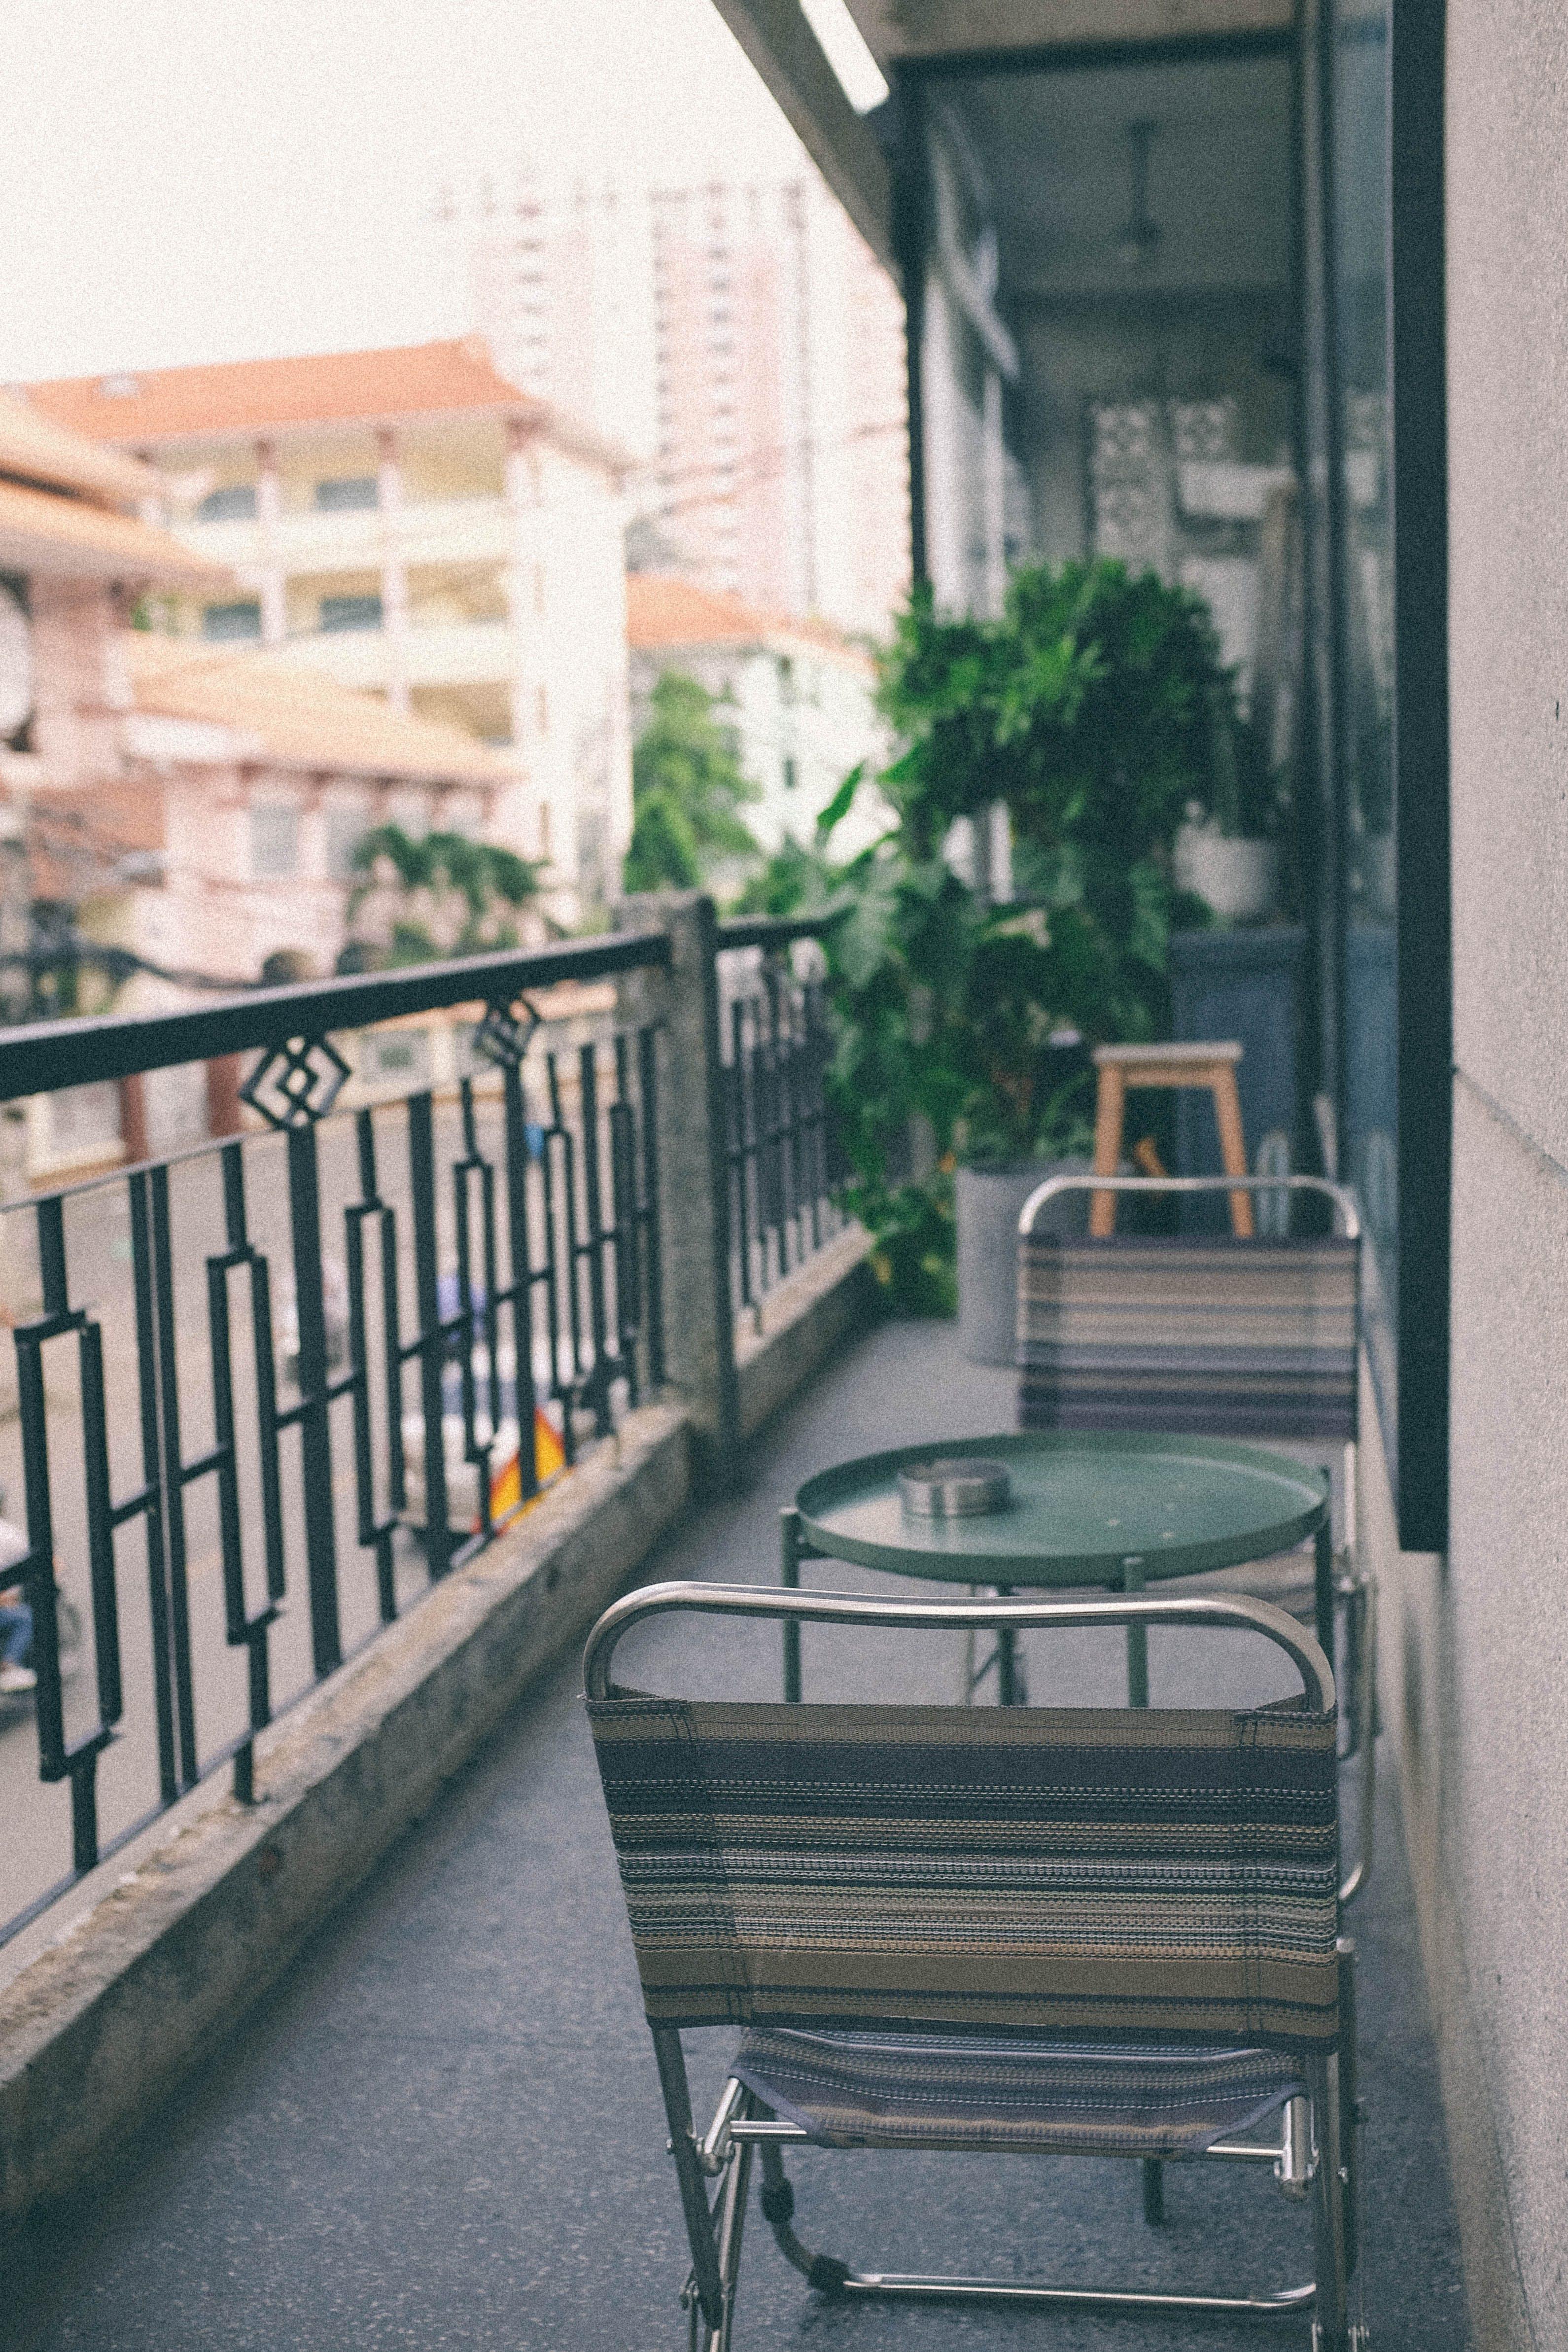 Fotos de stock gratuitas de balcón, cactus, café, cafetería